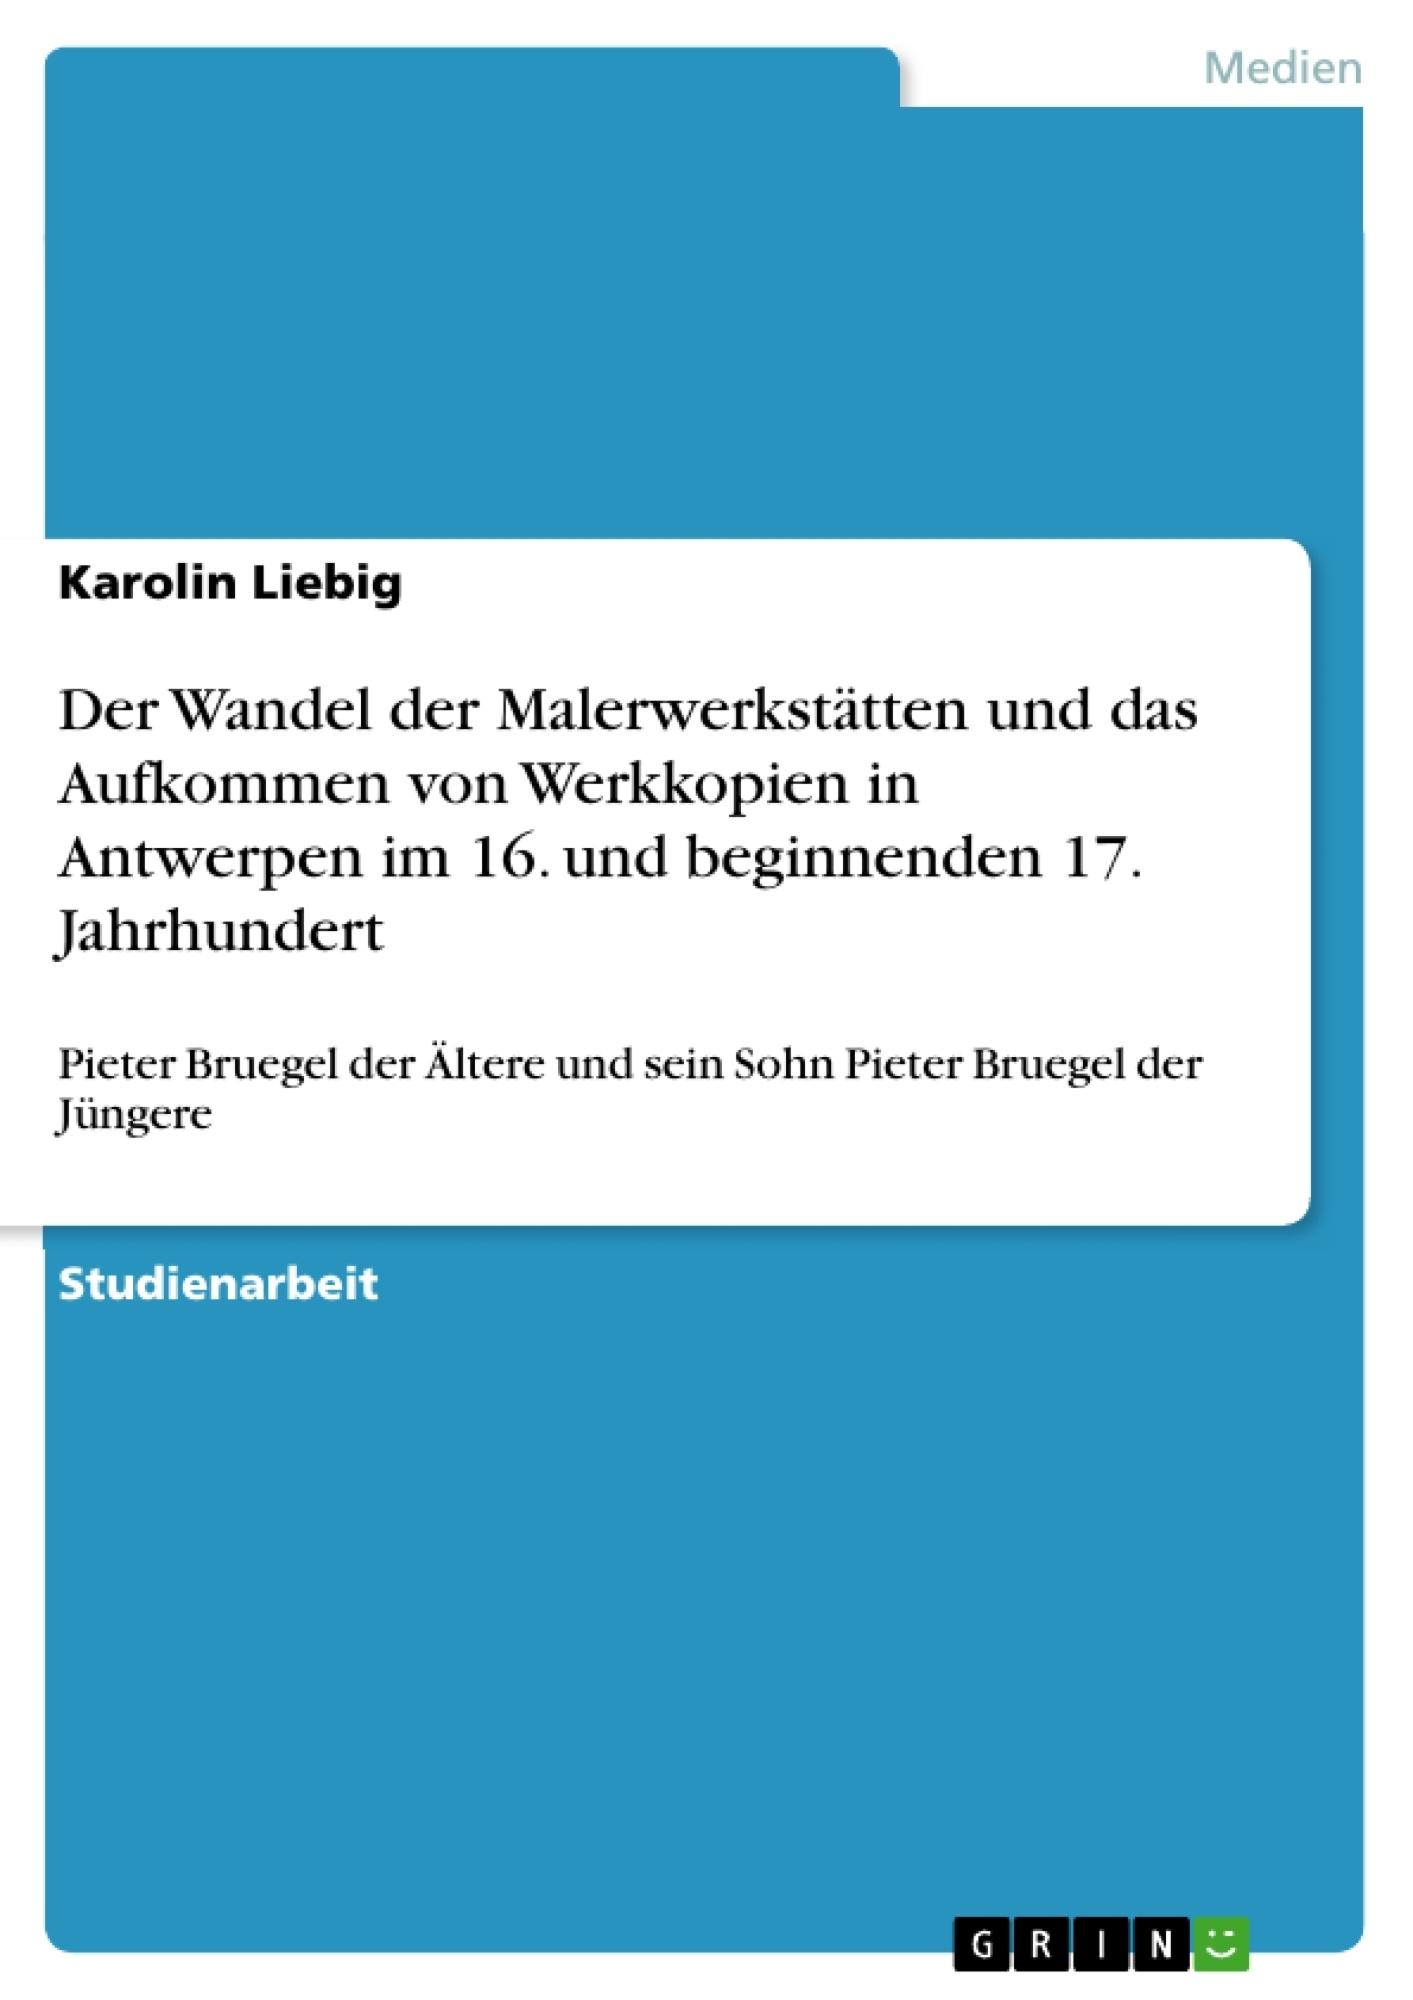 Titel: Der Wandel der Malerwerkstätten und das Aufkommen von Werkkopien in Antwerpen im 16. und beginnenden 17. Jahrhundert